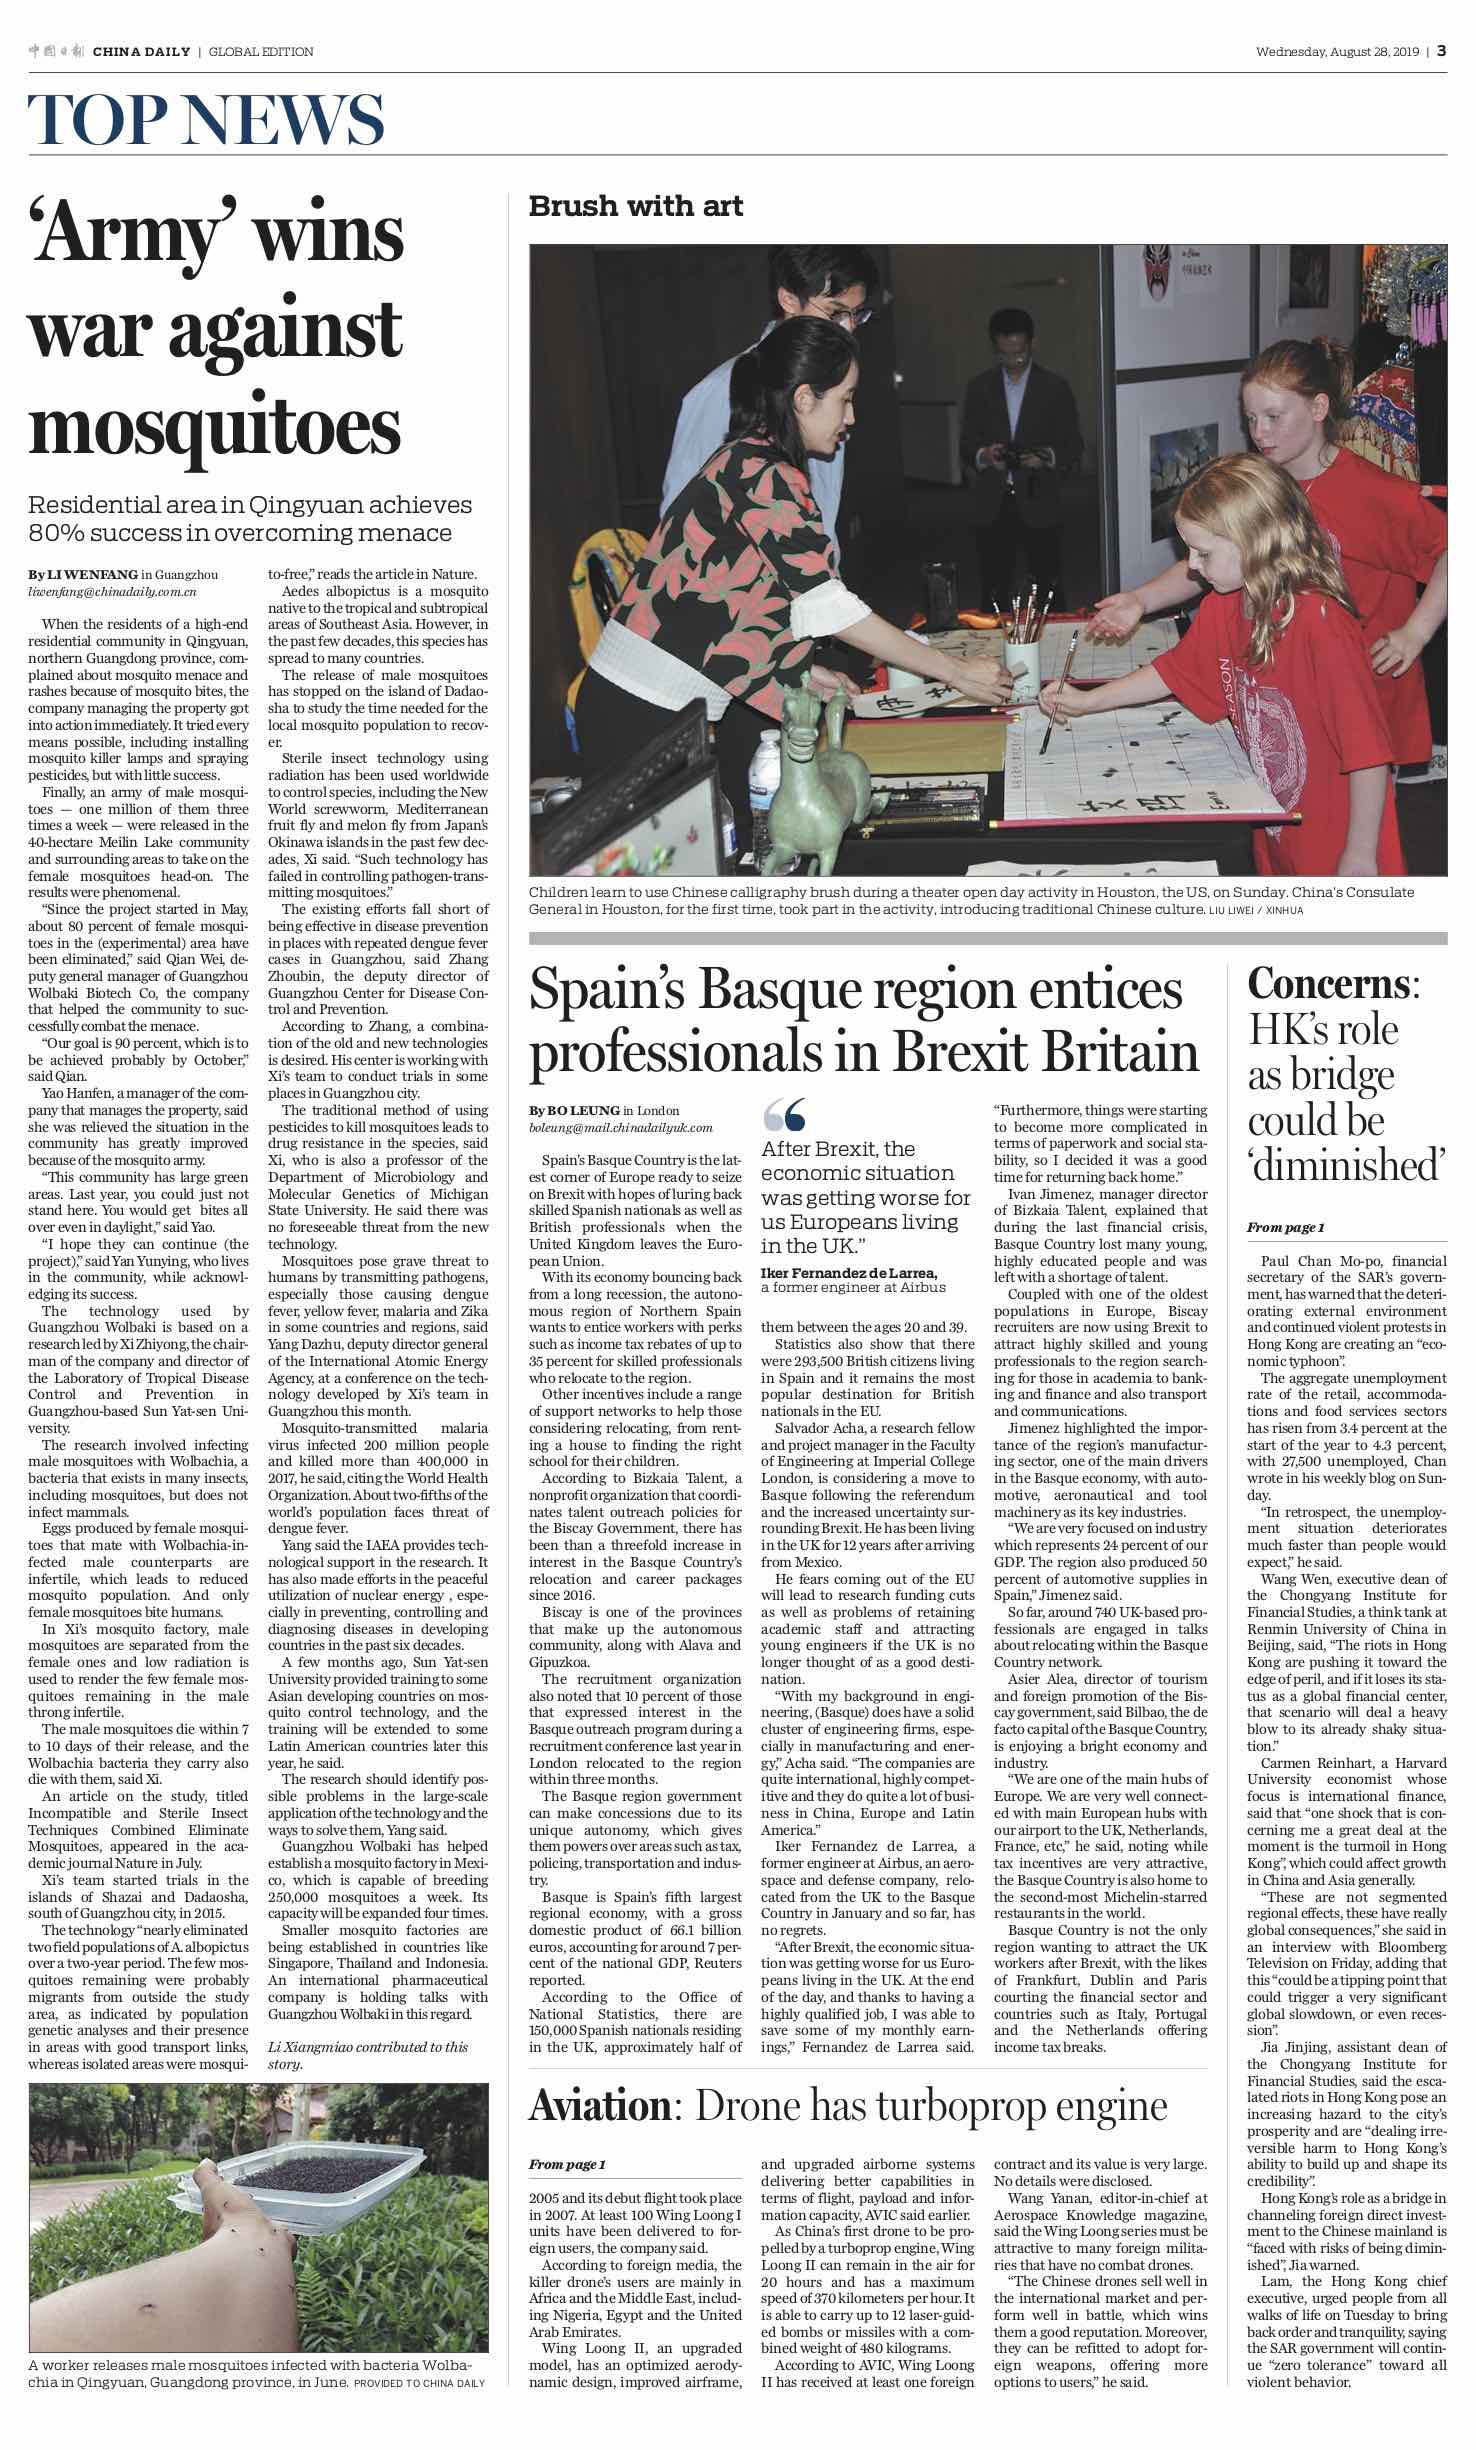 Bizkaia Talent en el diario chino en inglés Daily News. 28/8/2019